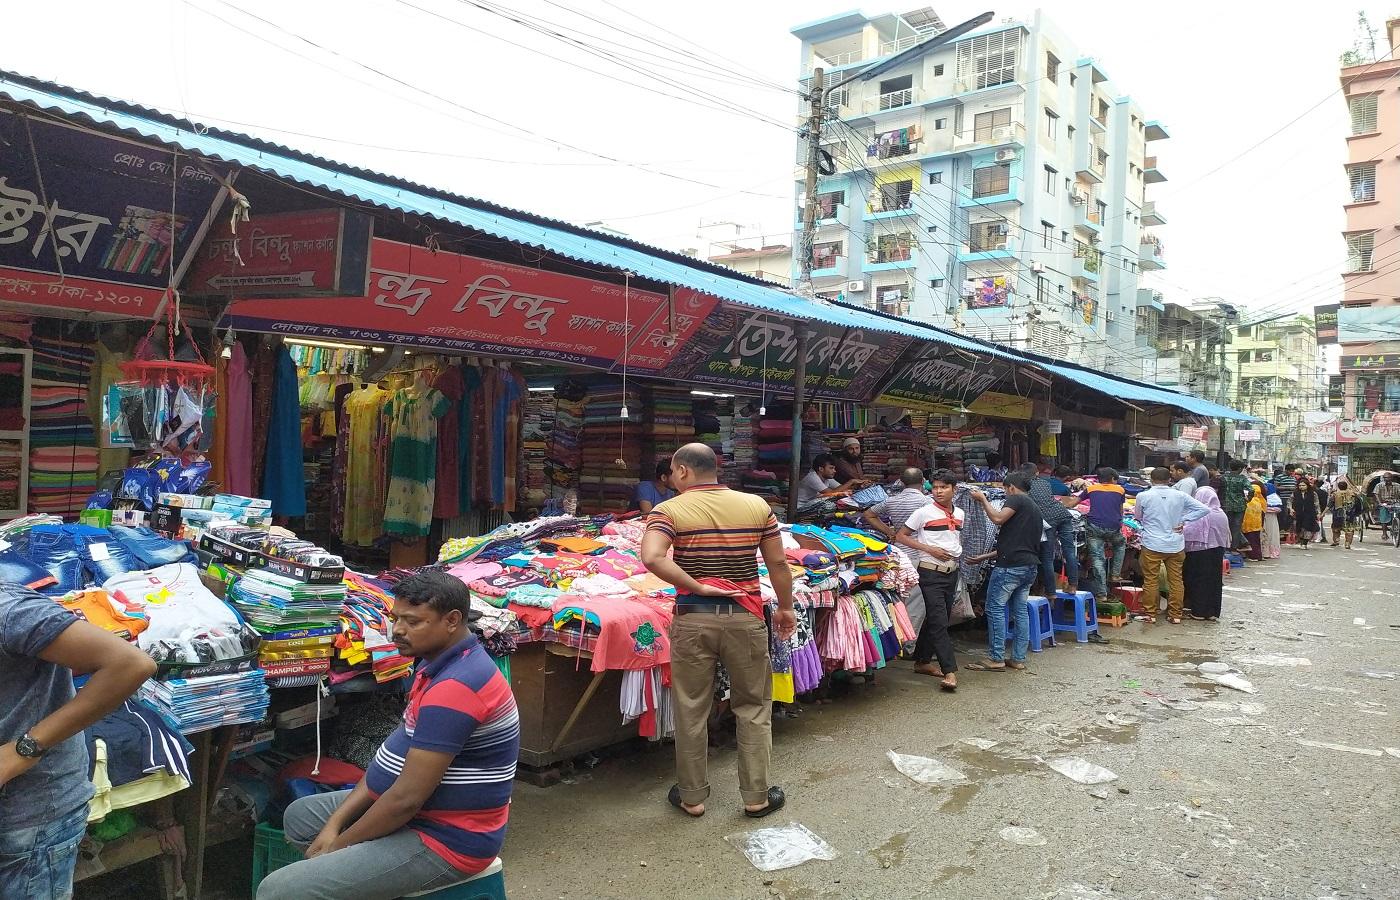 Krishi Market